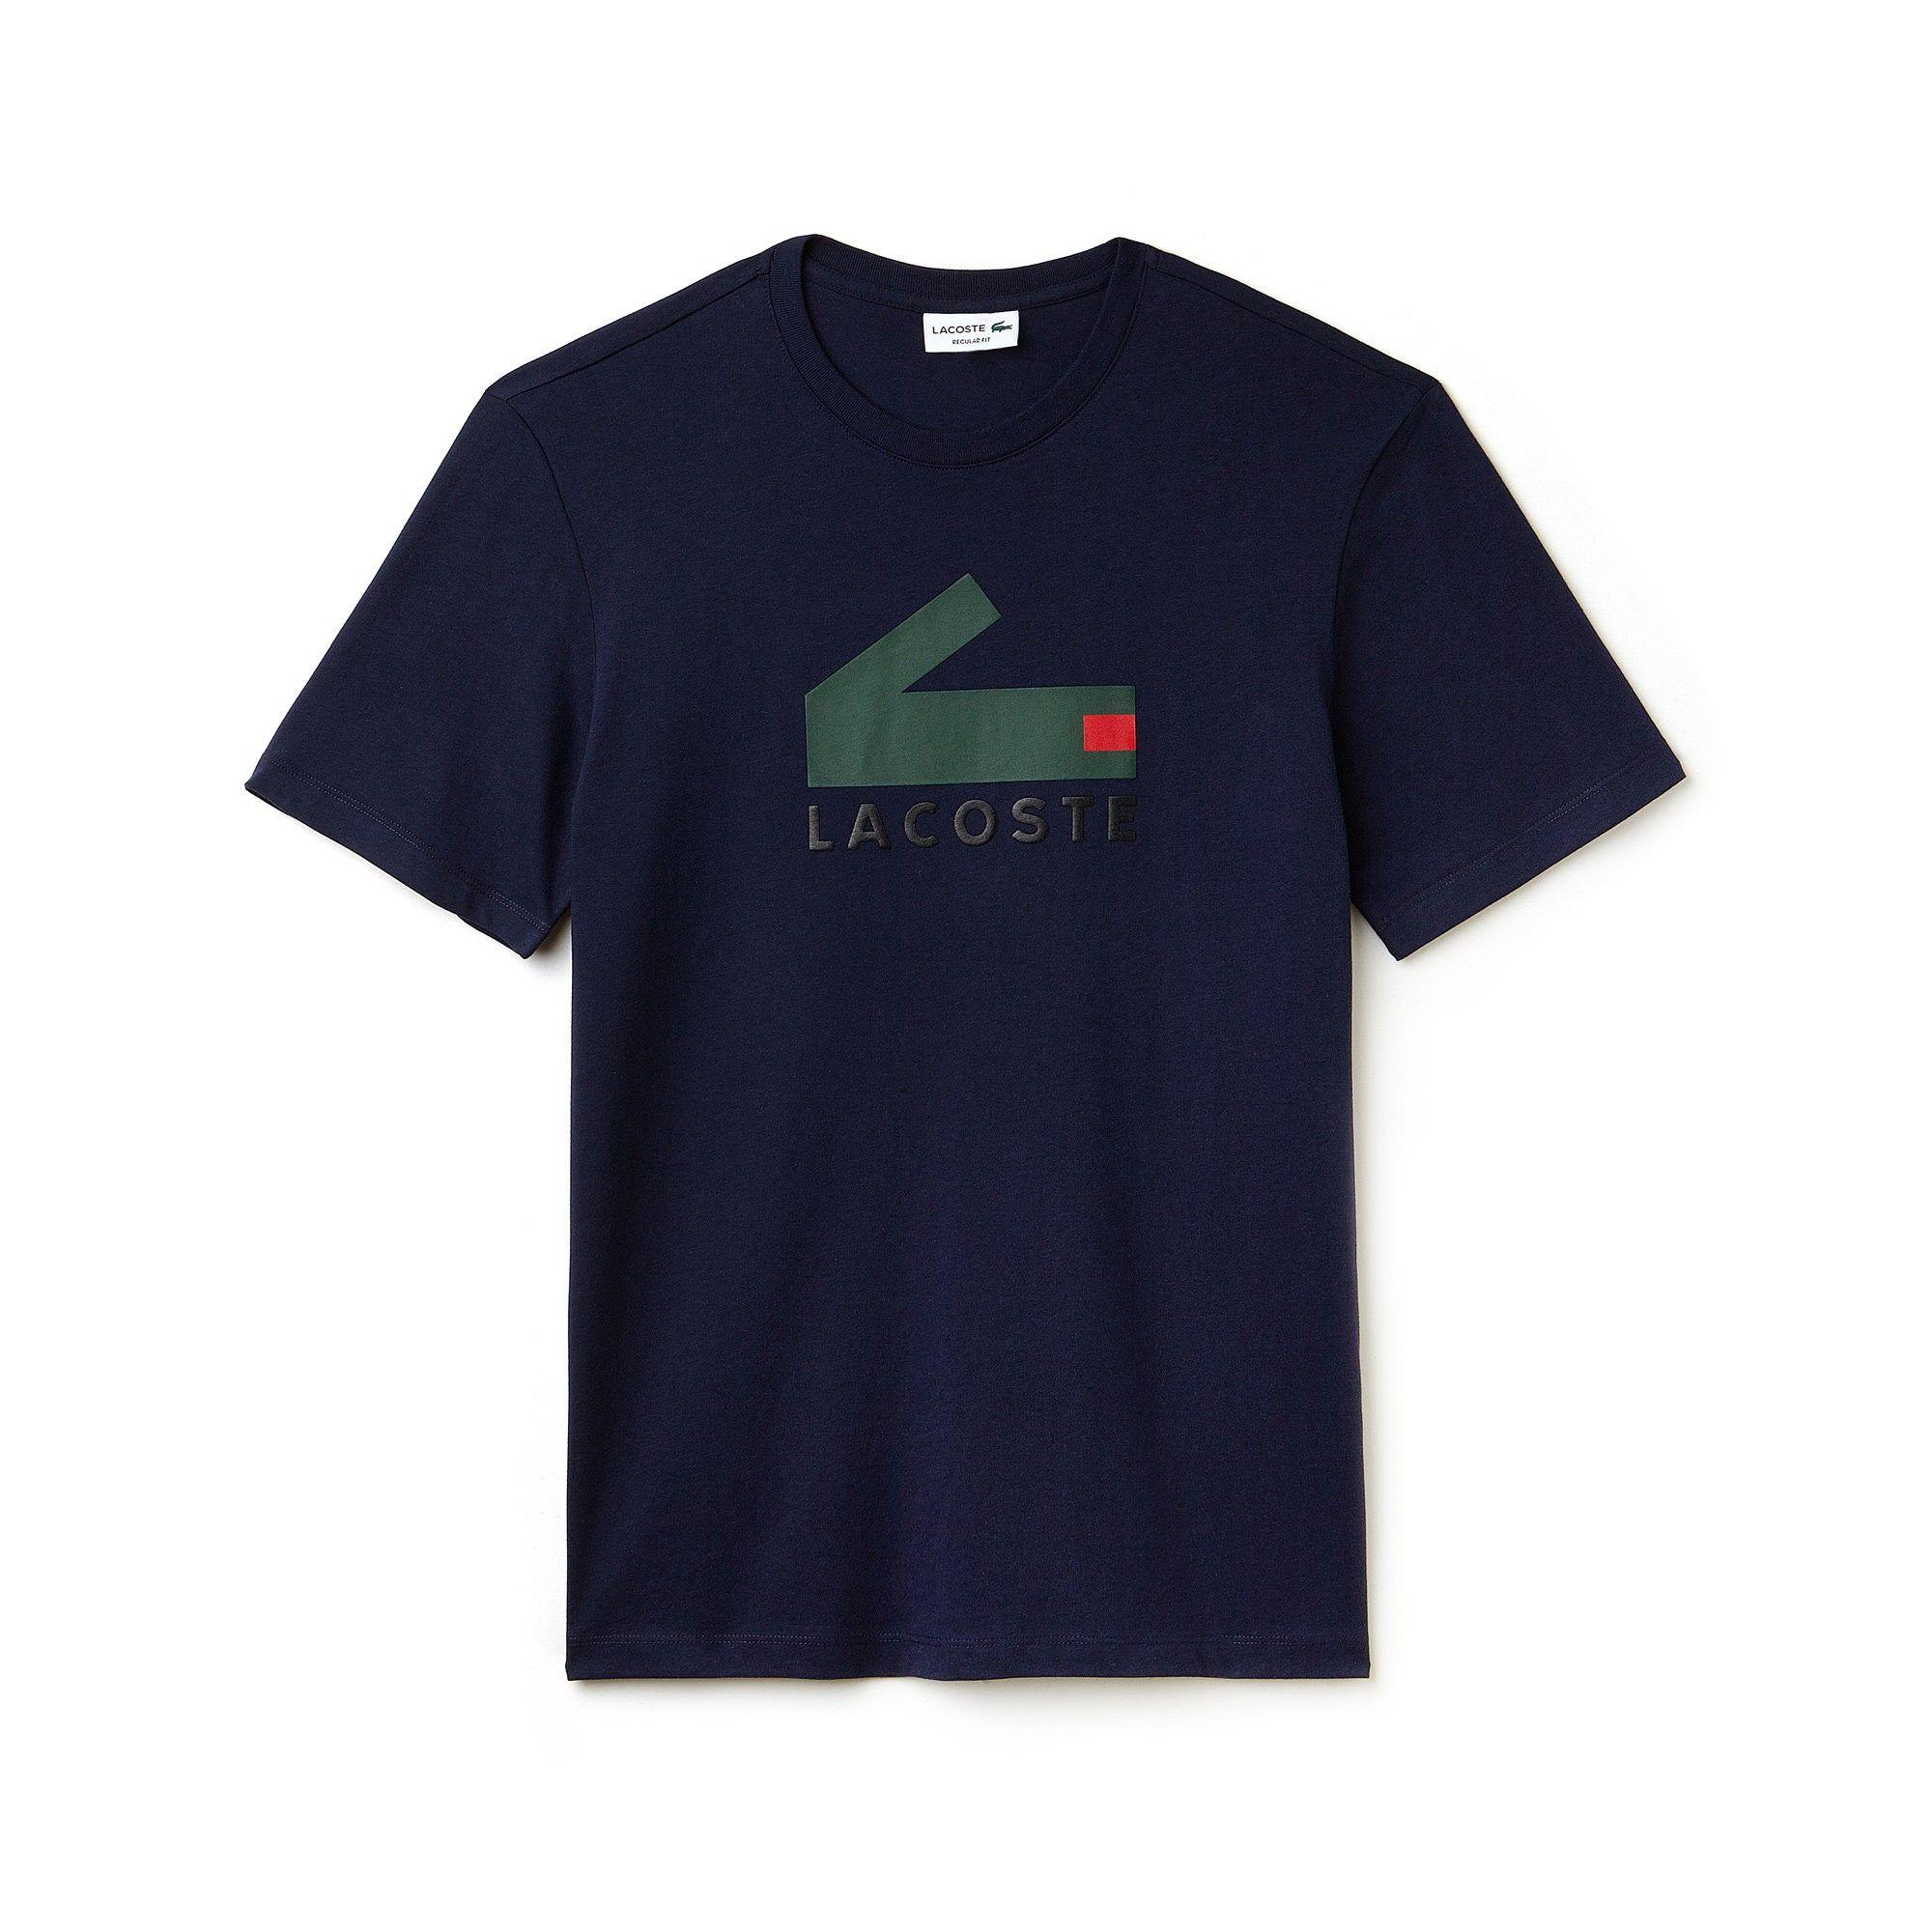 9701c704 LACOSTE Men's Crew Neck Graphic Crocodile Branding Cotton Jersey T-shirt - navy  blue. #lacoste #cloth #